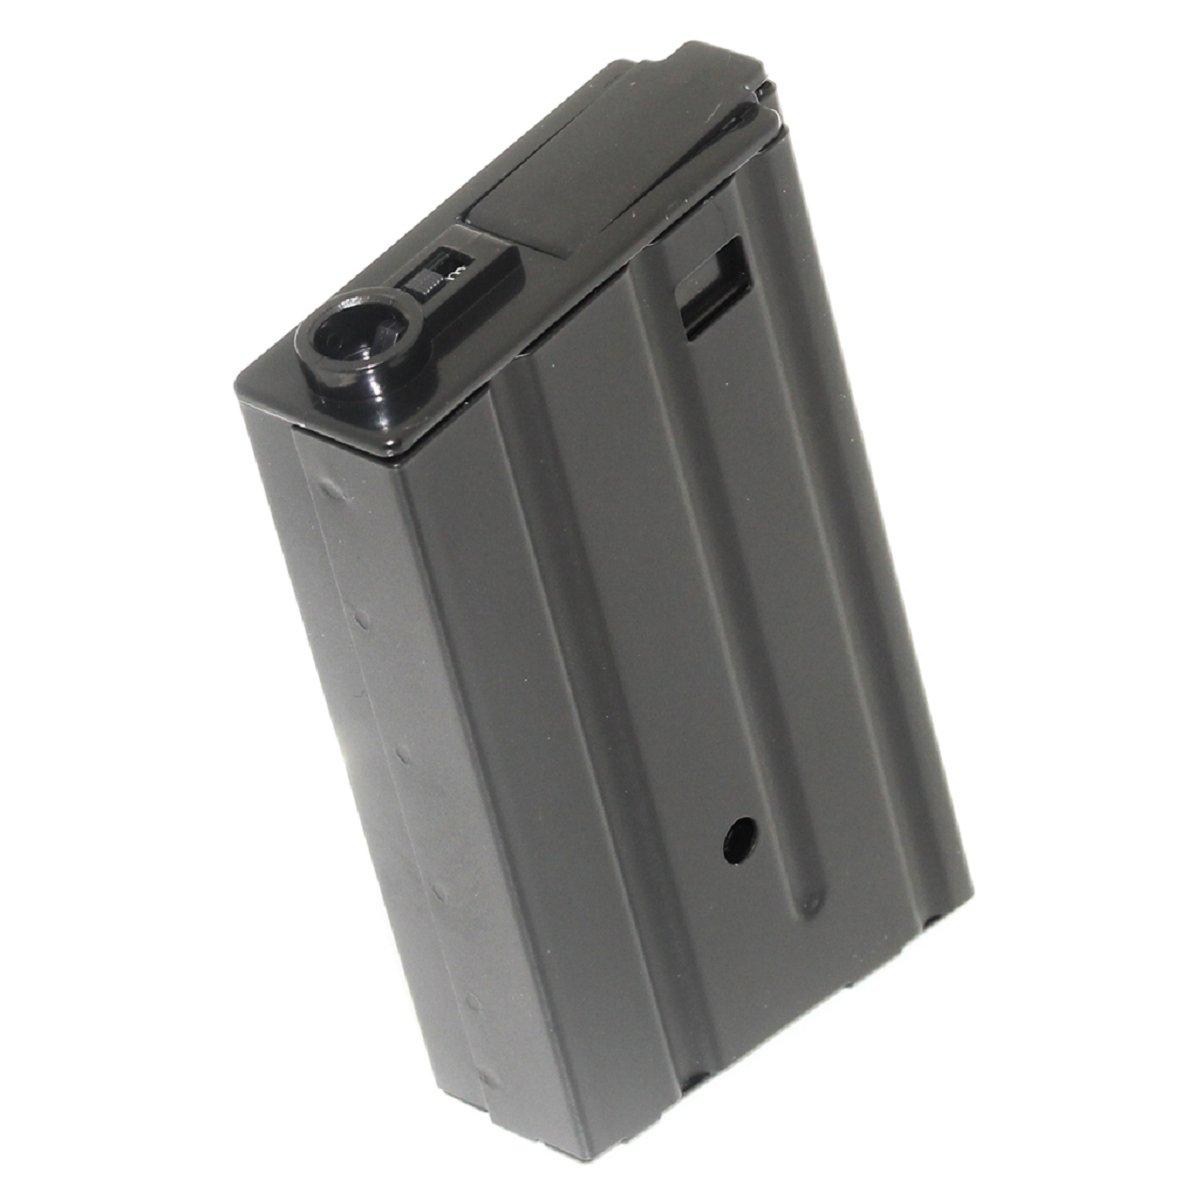 Airsoft vue Gear 120rd Mag en m?tal Magazine M4?M16vn Mag pour M4?M16?AEG Noir Airsoft Shopping Mall